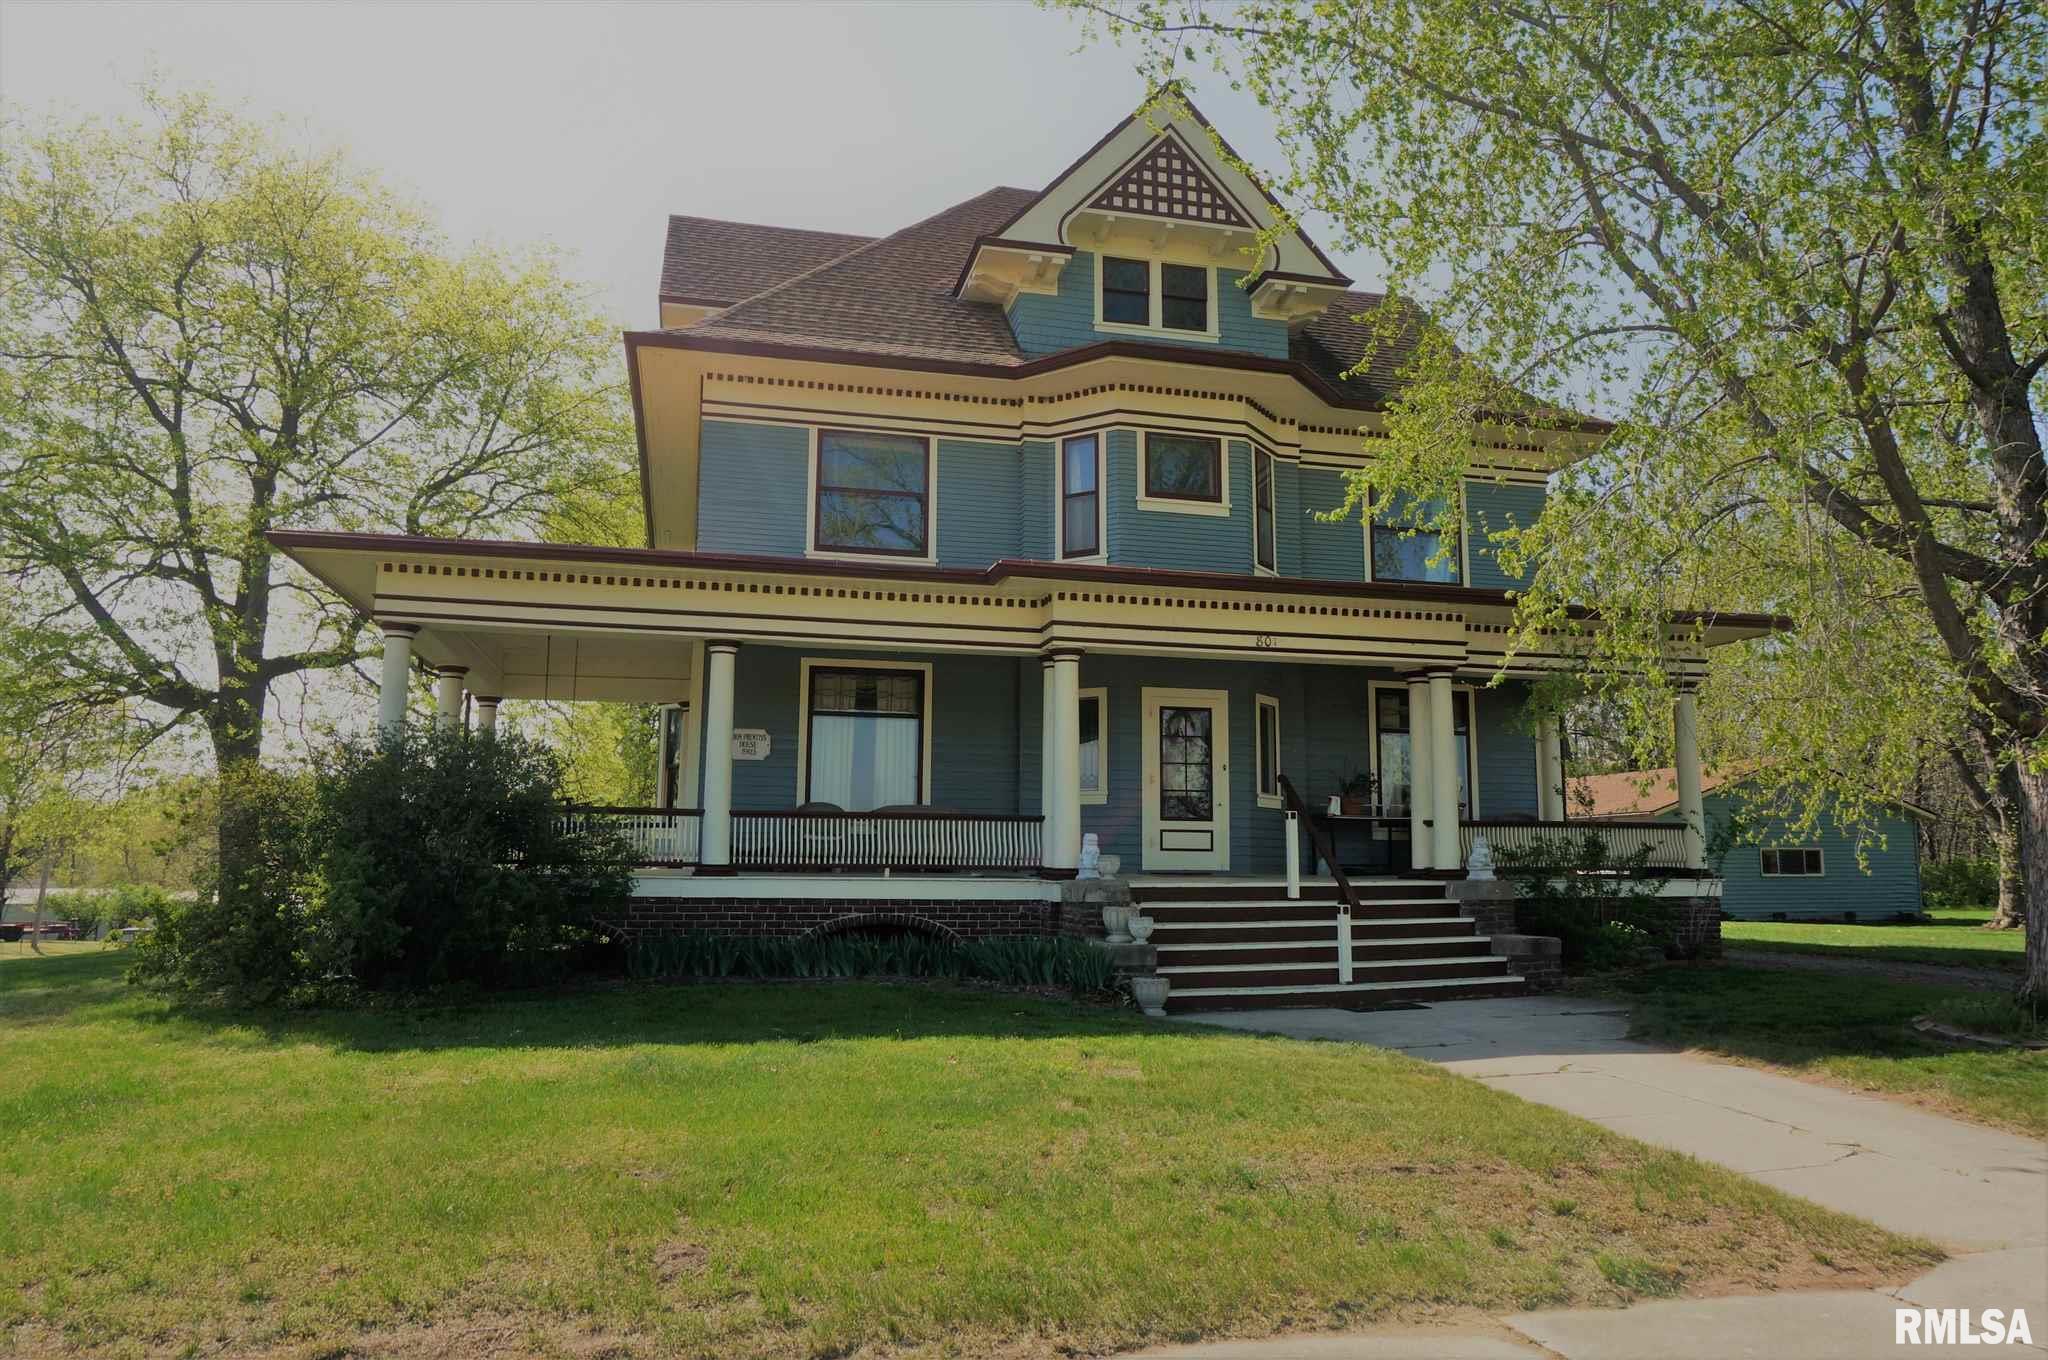 801 NORTH Property Photo - New Boston, IL real estate listing